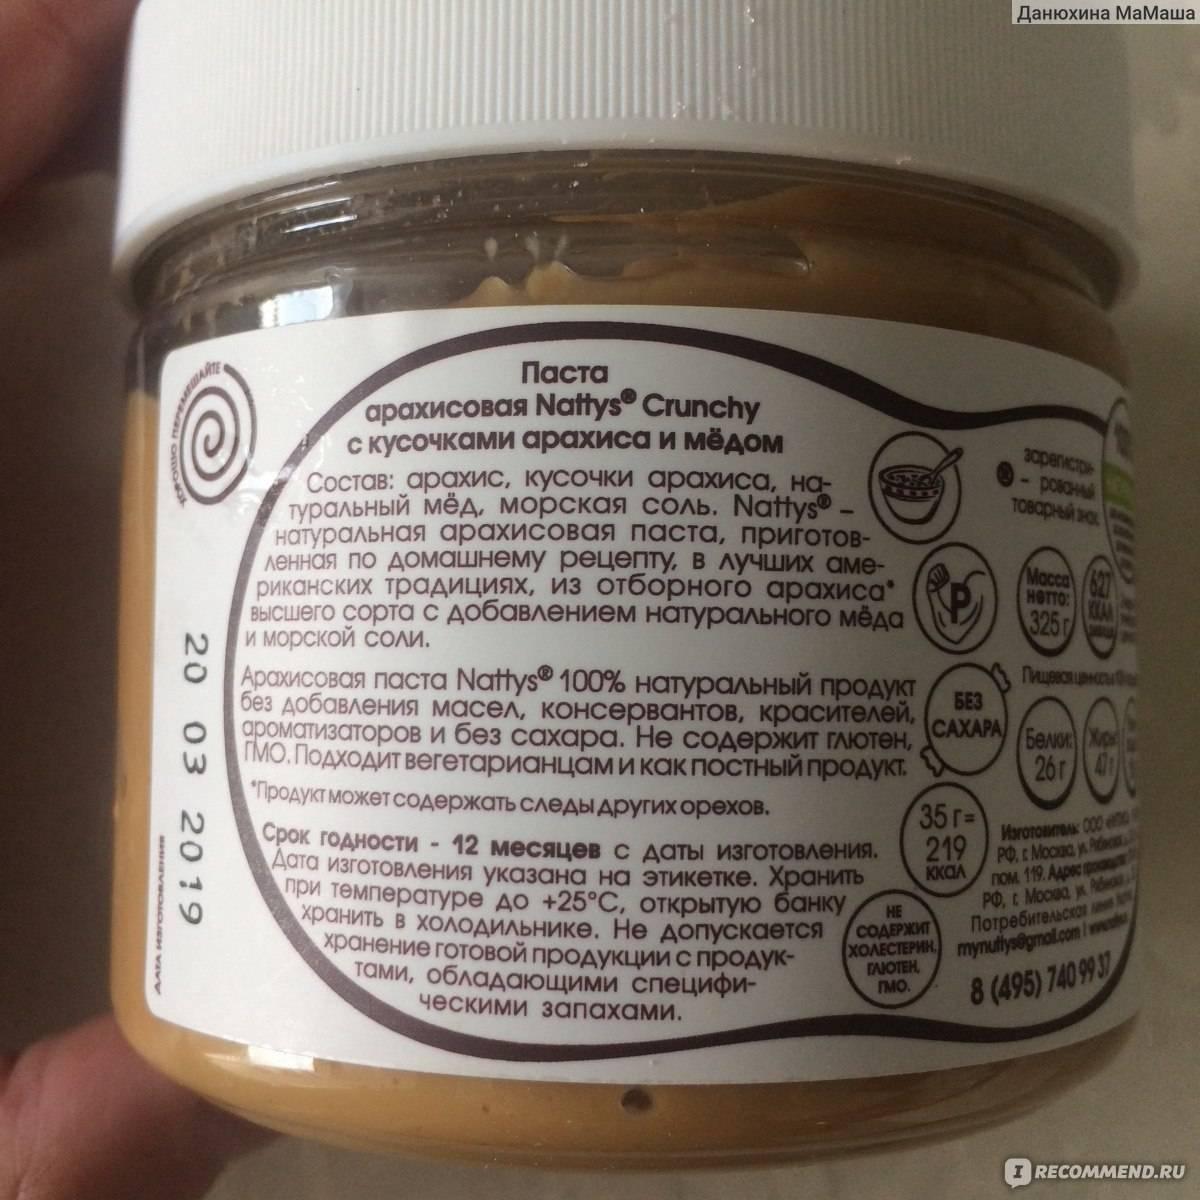 Арахисовая паста в домашних условиях: рецепты с видео